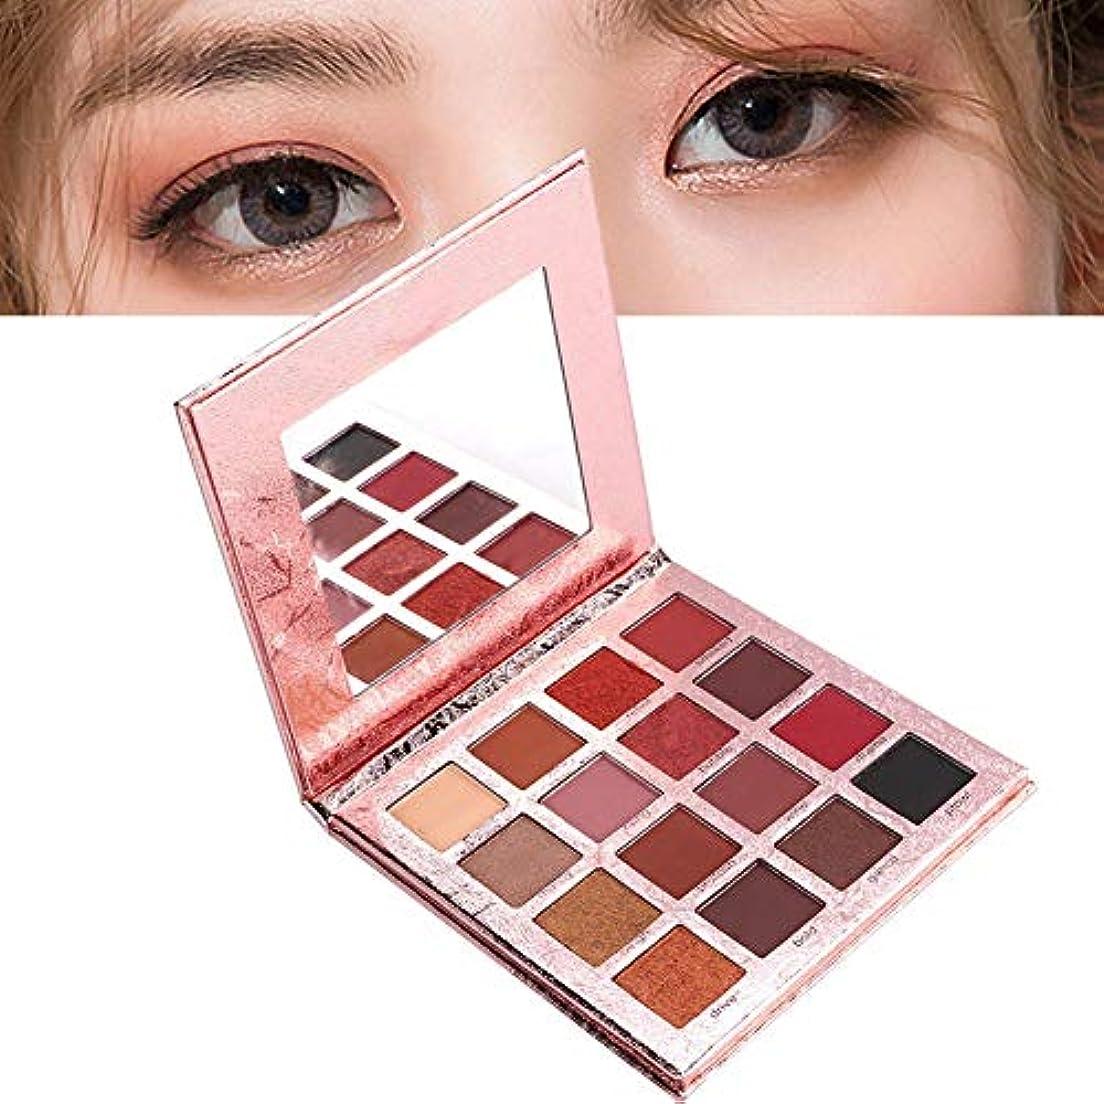 サンダーダムドルアイシャドウパレット 化粧マット 化粧品ツール 16色 グロス アイシャドウパウダー